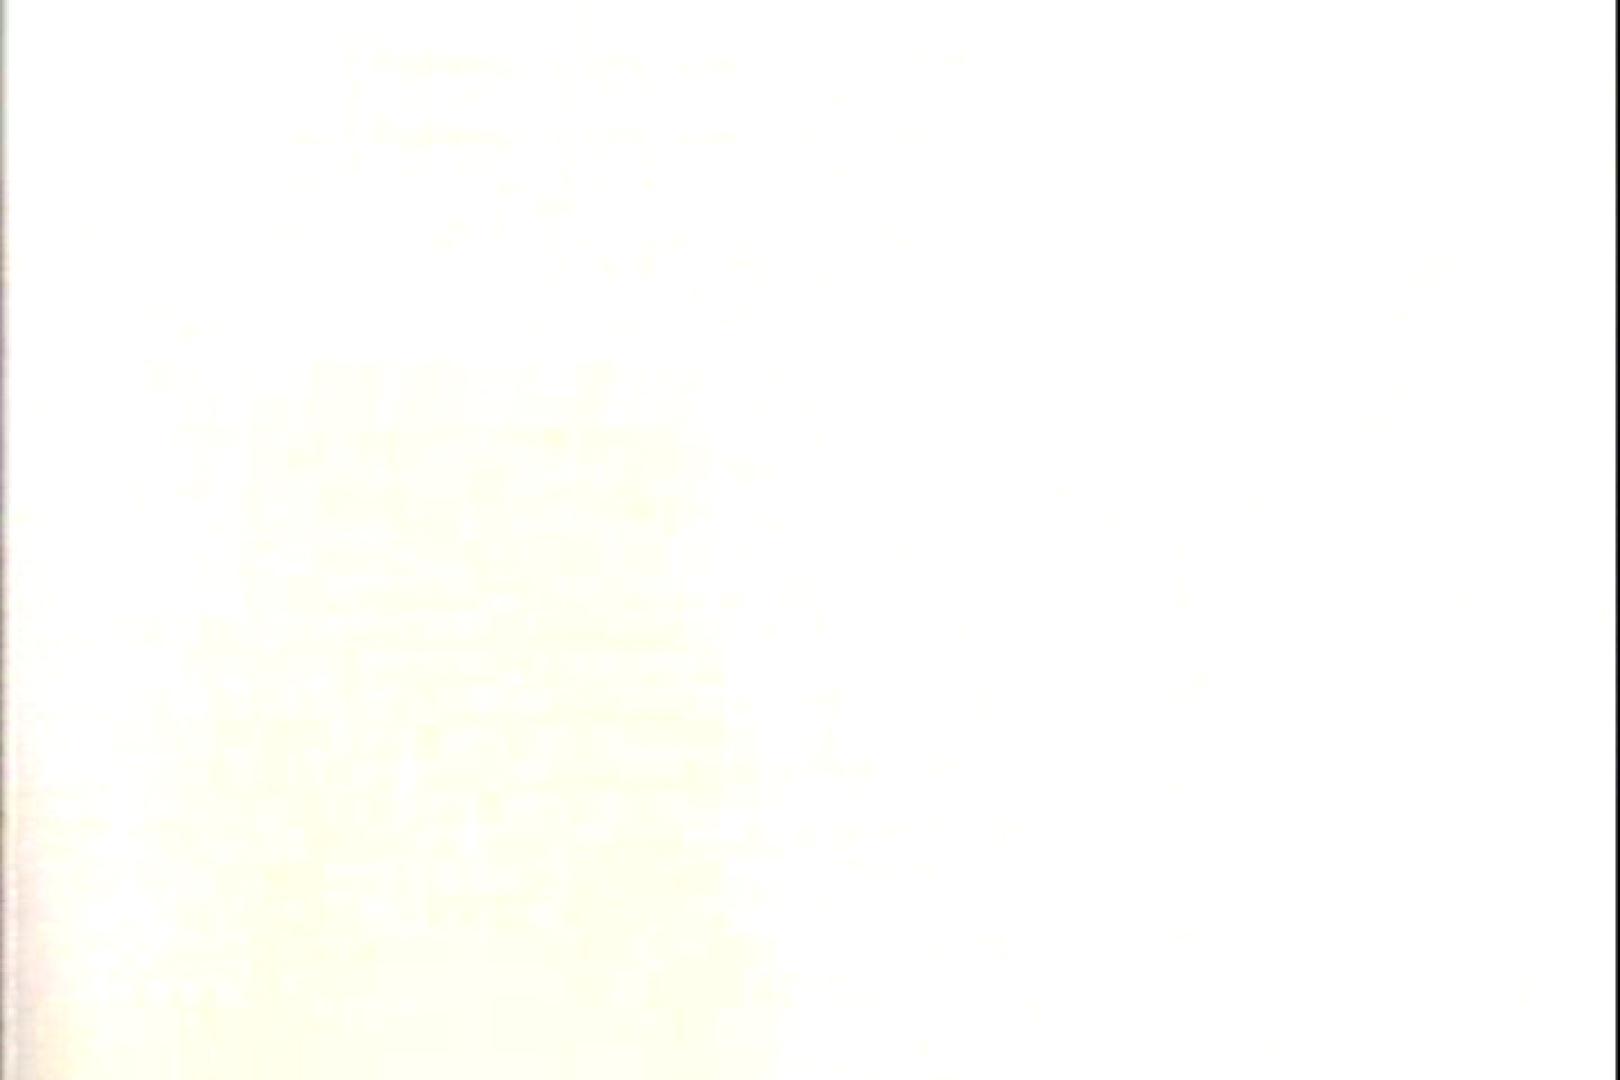 「ちくりん」さんのオリジナル未編集パンチラVol.3_02 チラ | 盗撮特集  87画像 65